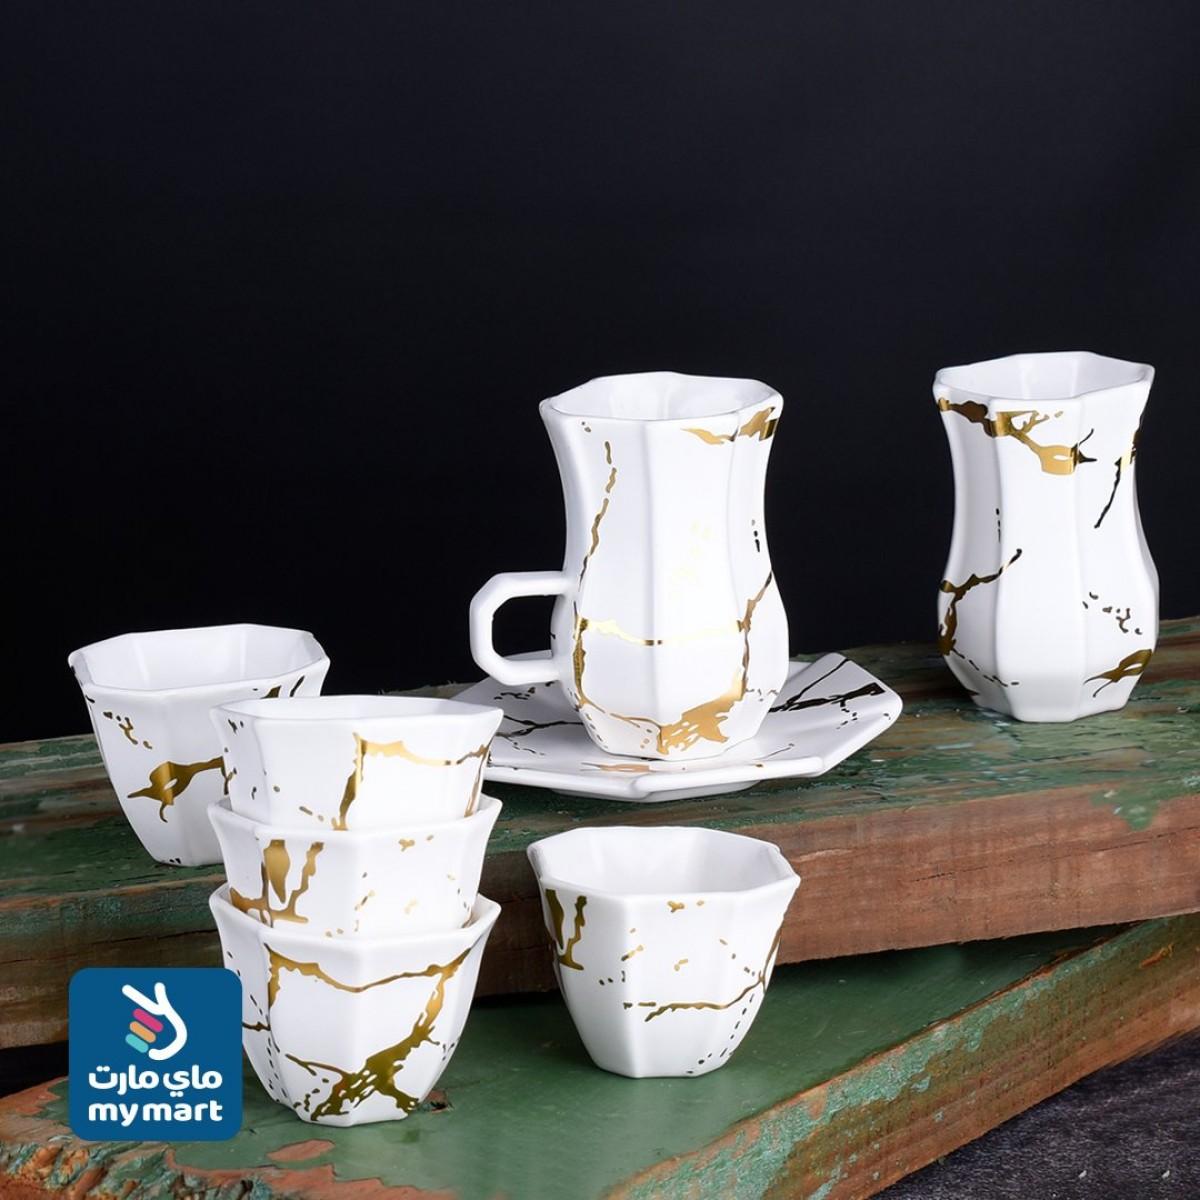 طقم فناجين قهوة وبيالات شاي مع الصحون - 36 قطعة 020314